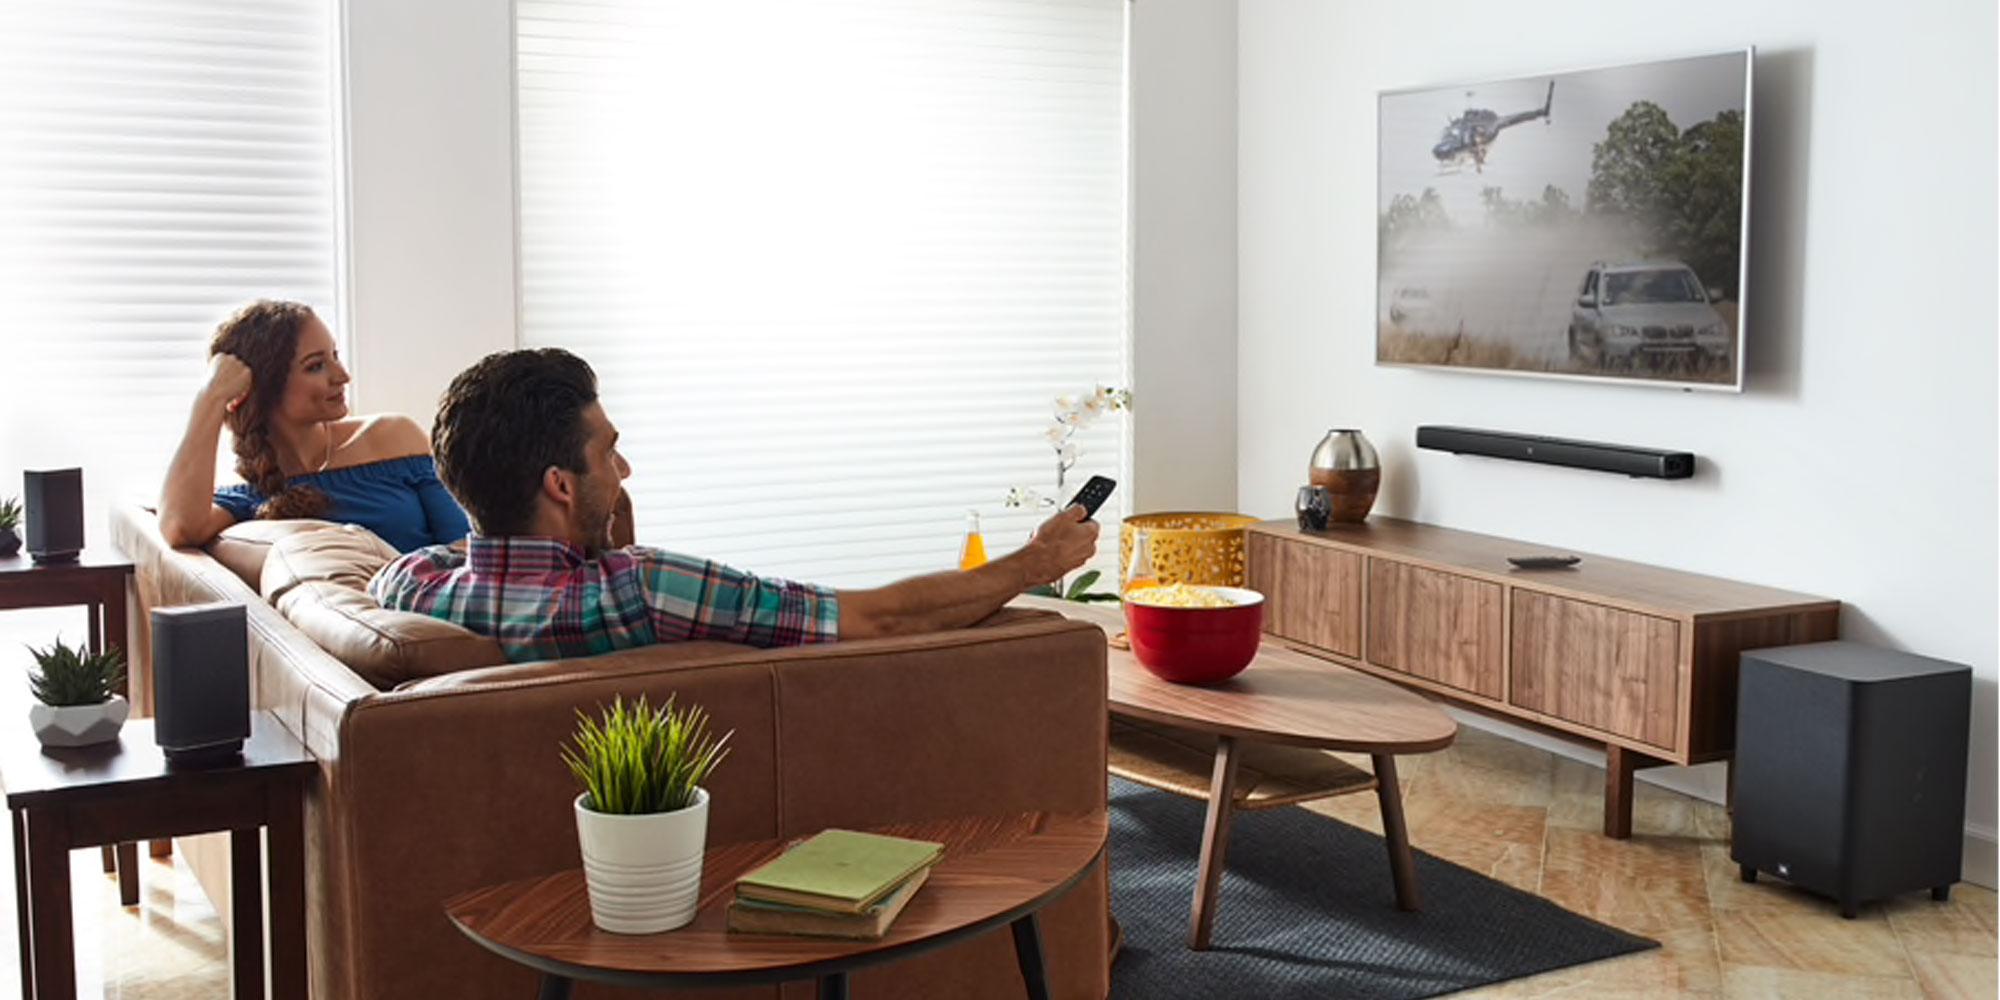 JBL Bar 5.1-Channel Surround Sound